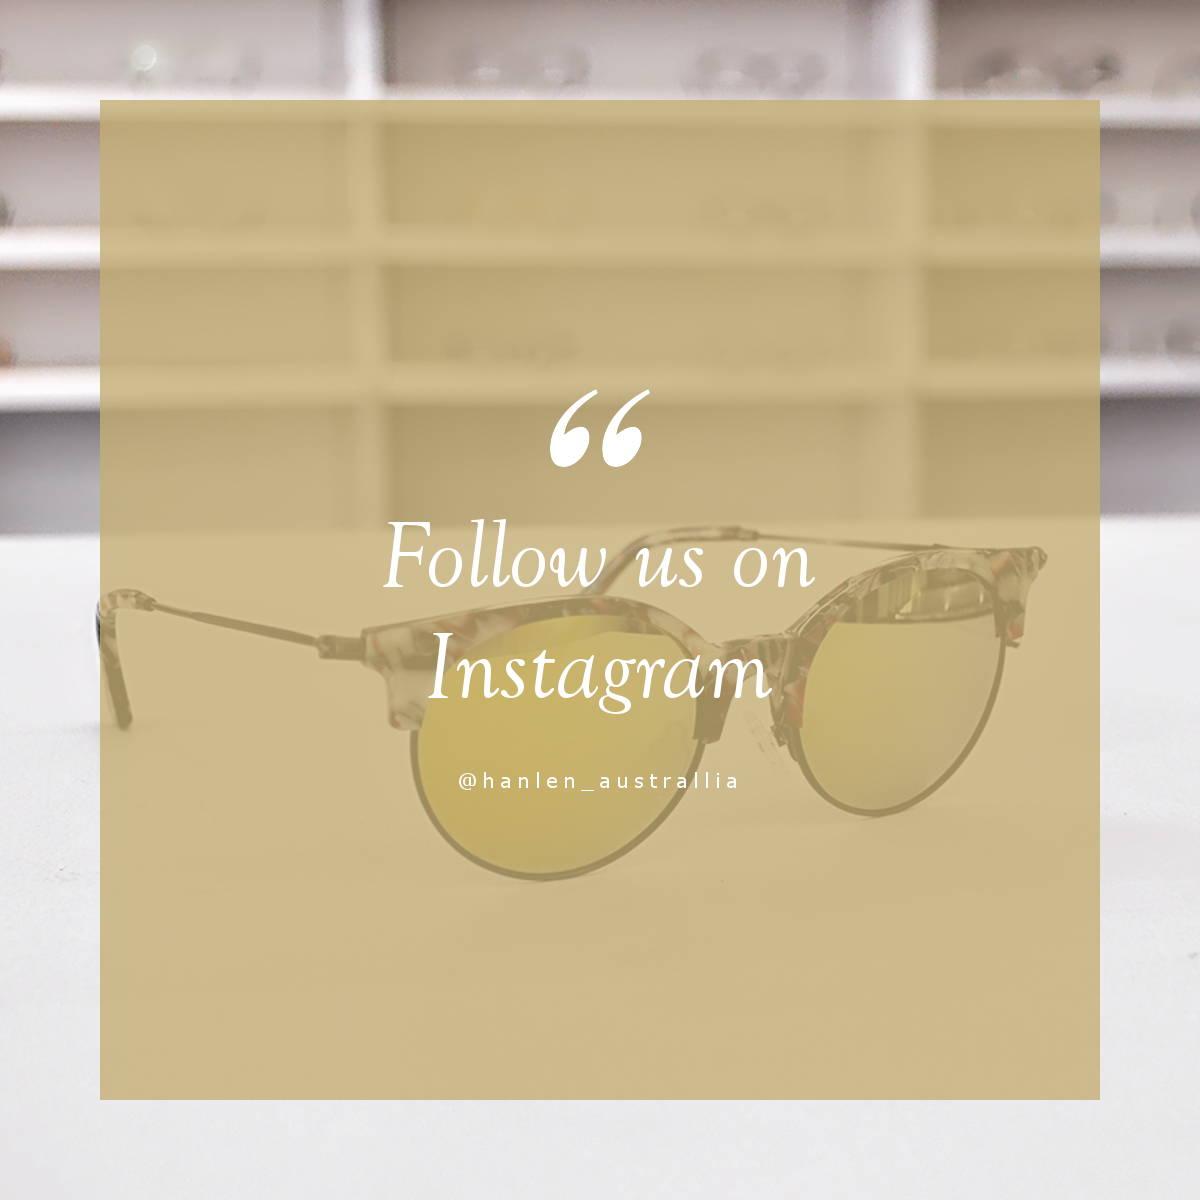 Follow us on instagram, Hanlen Australia